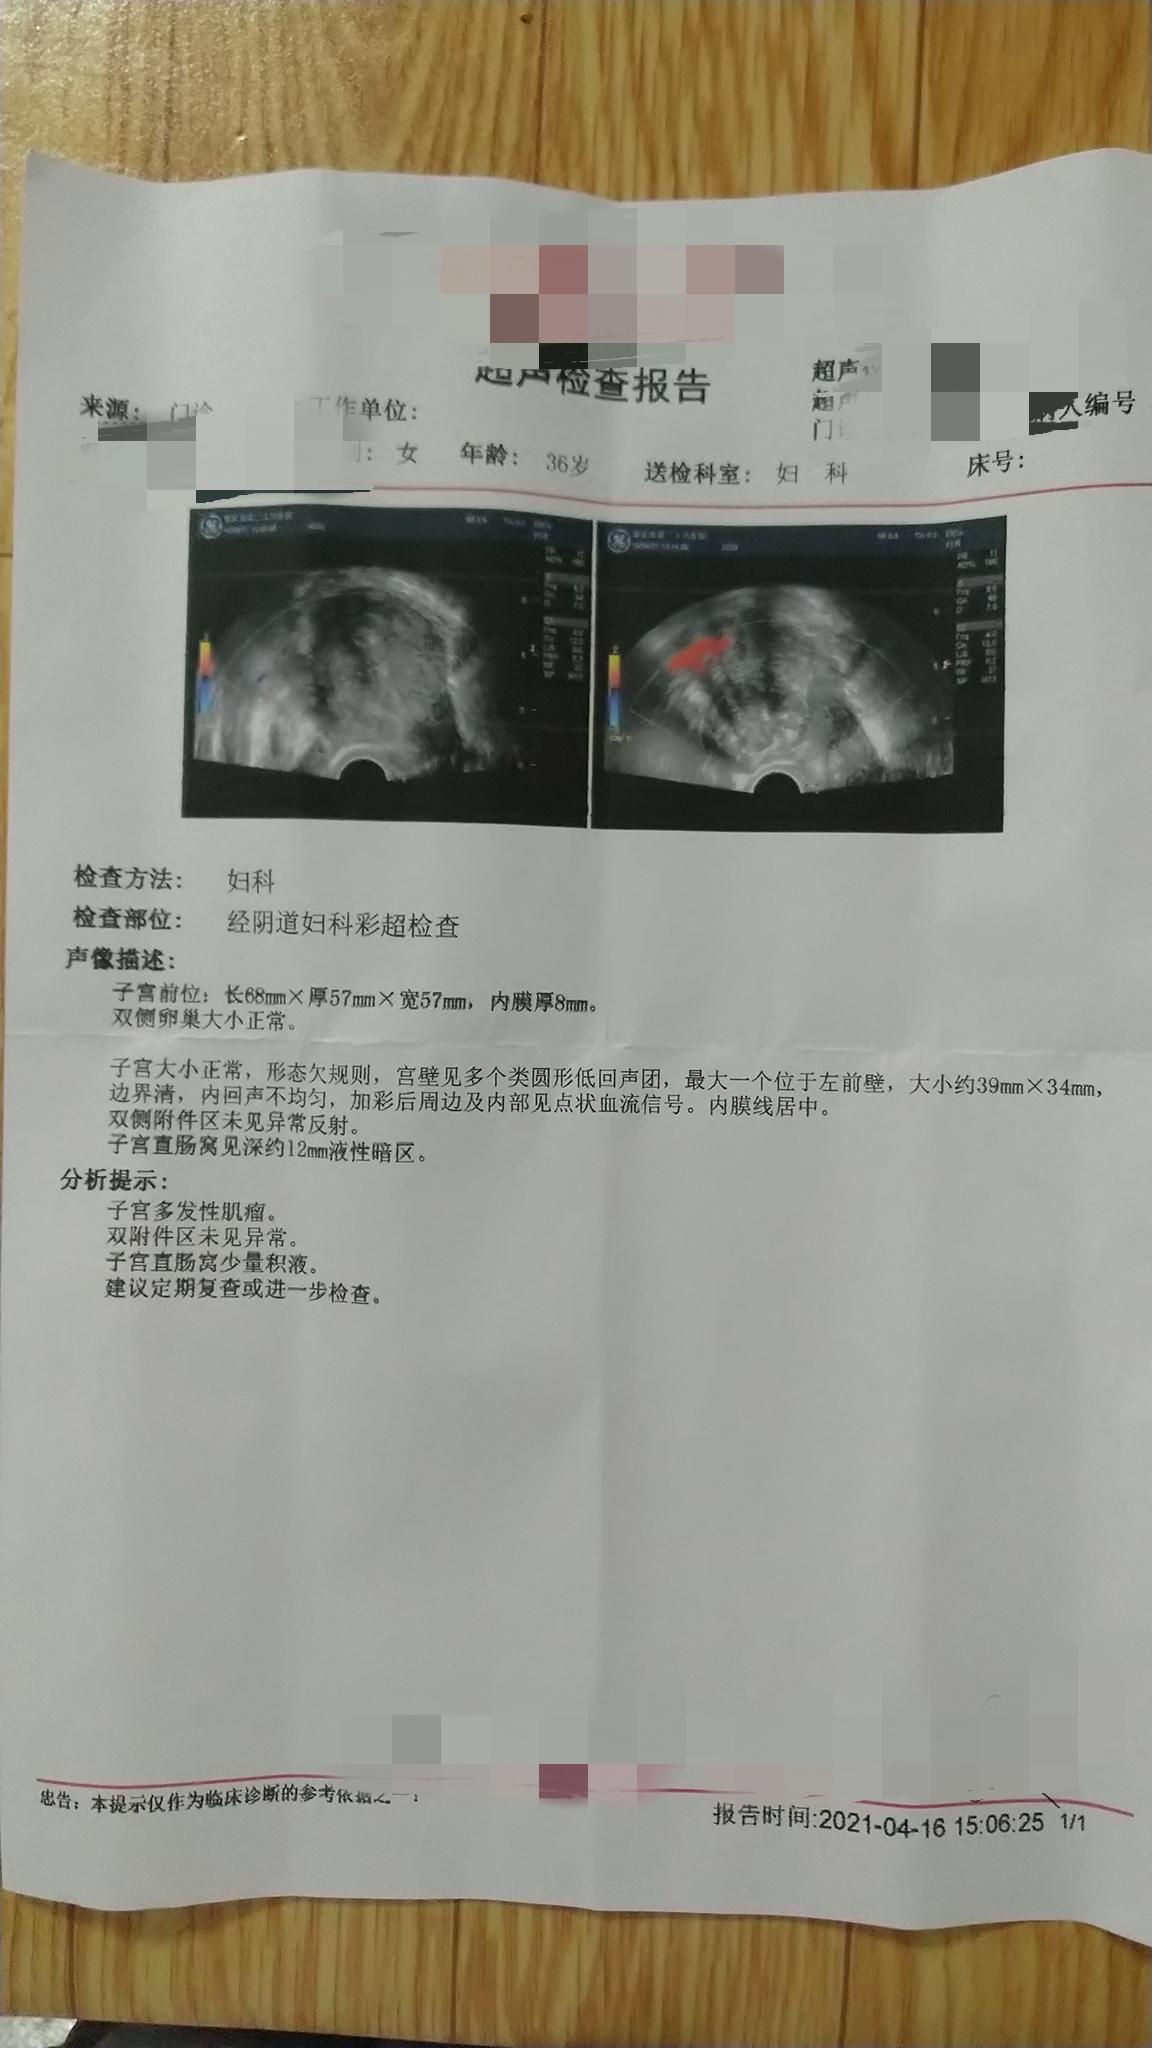 卵巢早衰多发性子宫肌瘤最大一个位于子宫左前壁